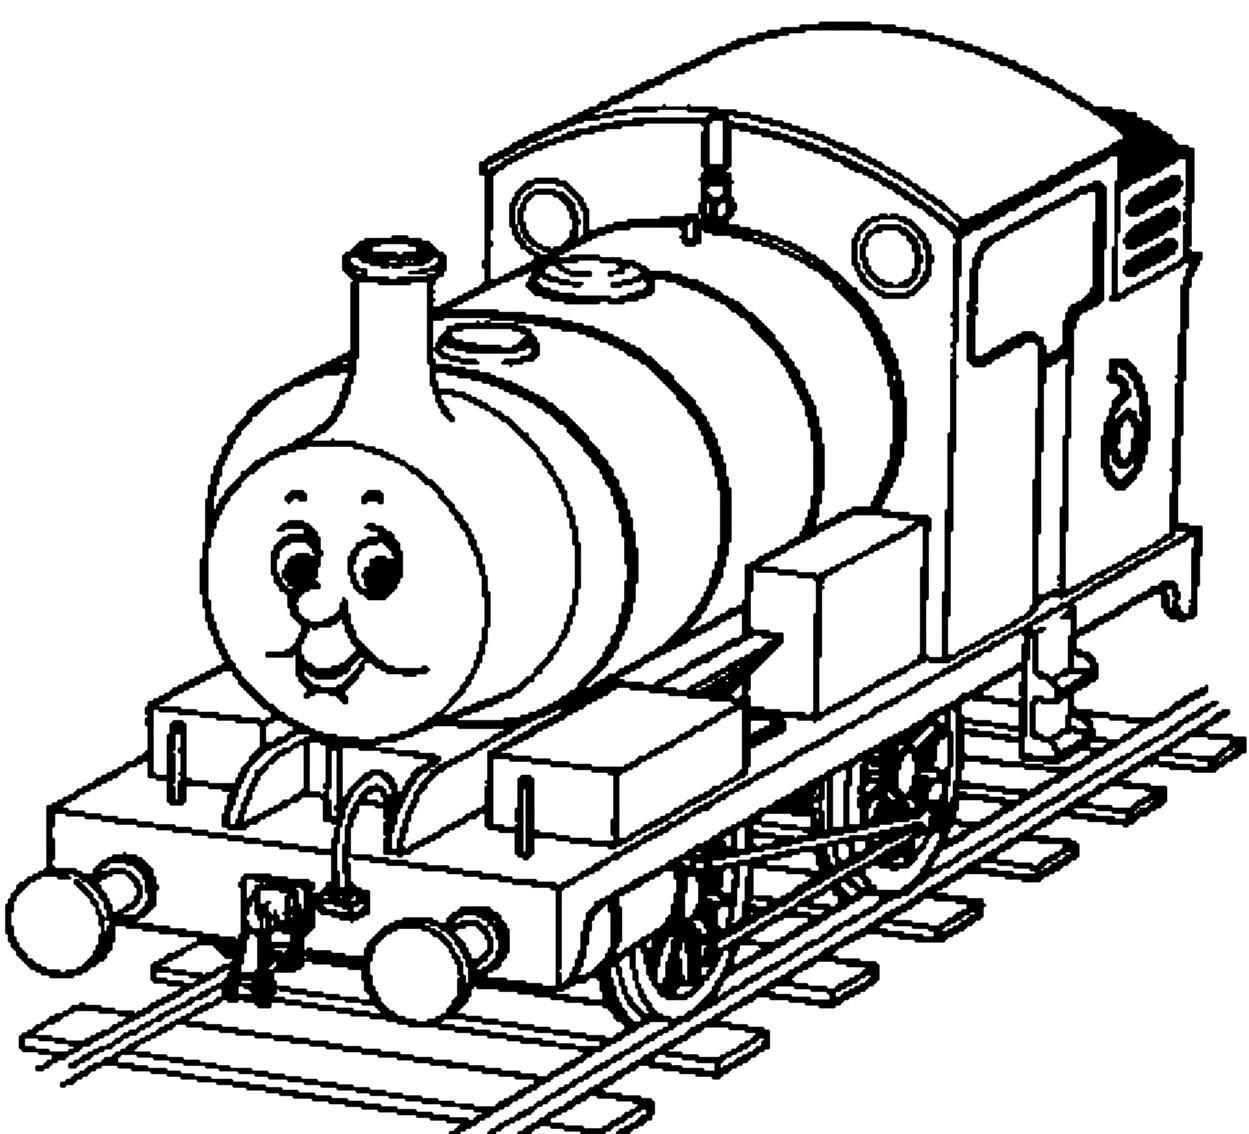 Dibujo 18 de trenes para imprimir y colorear